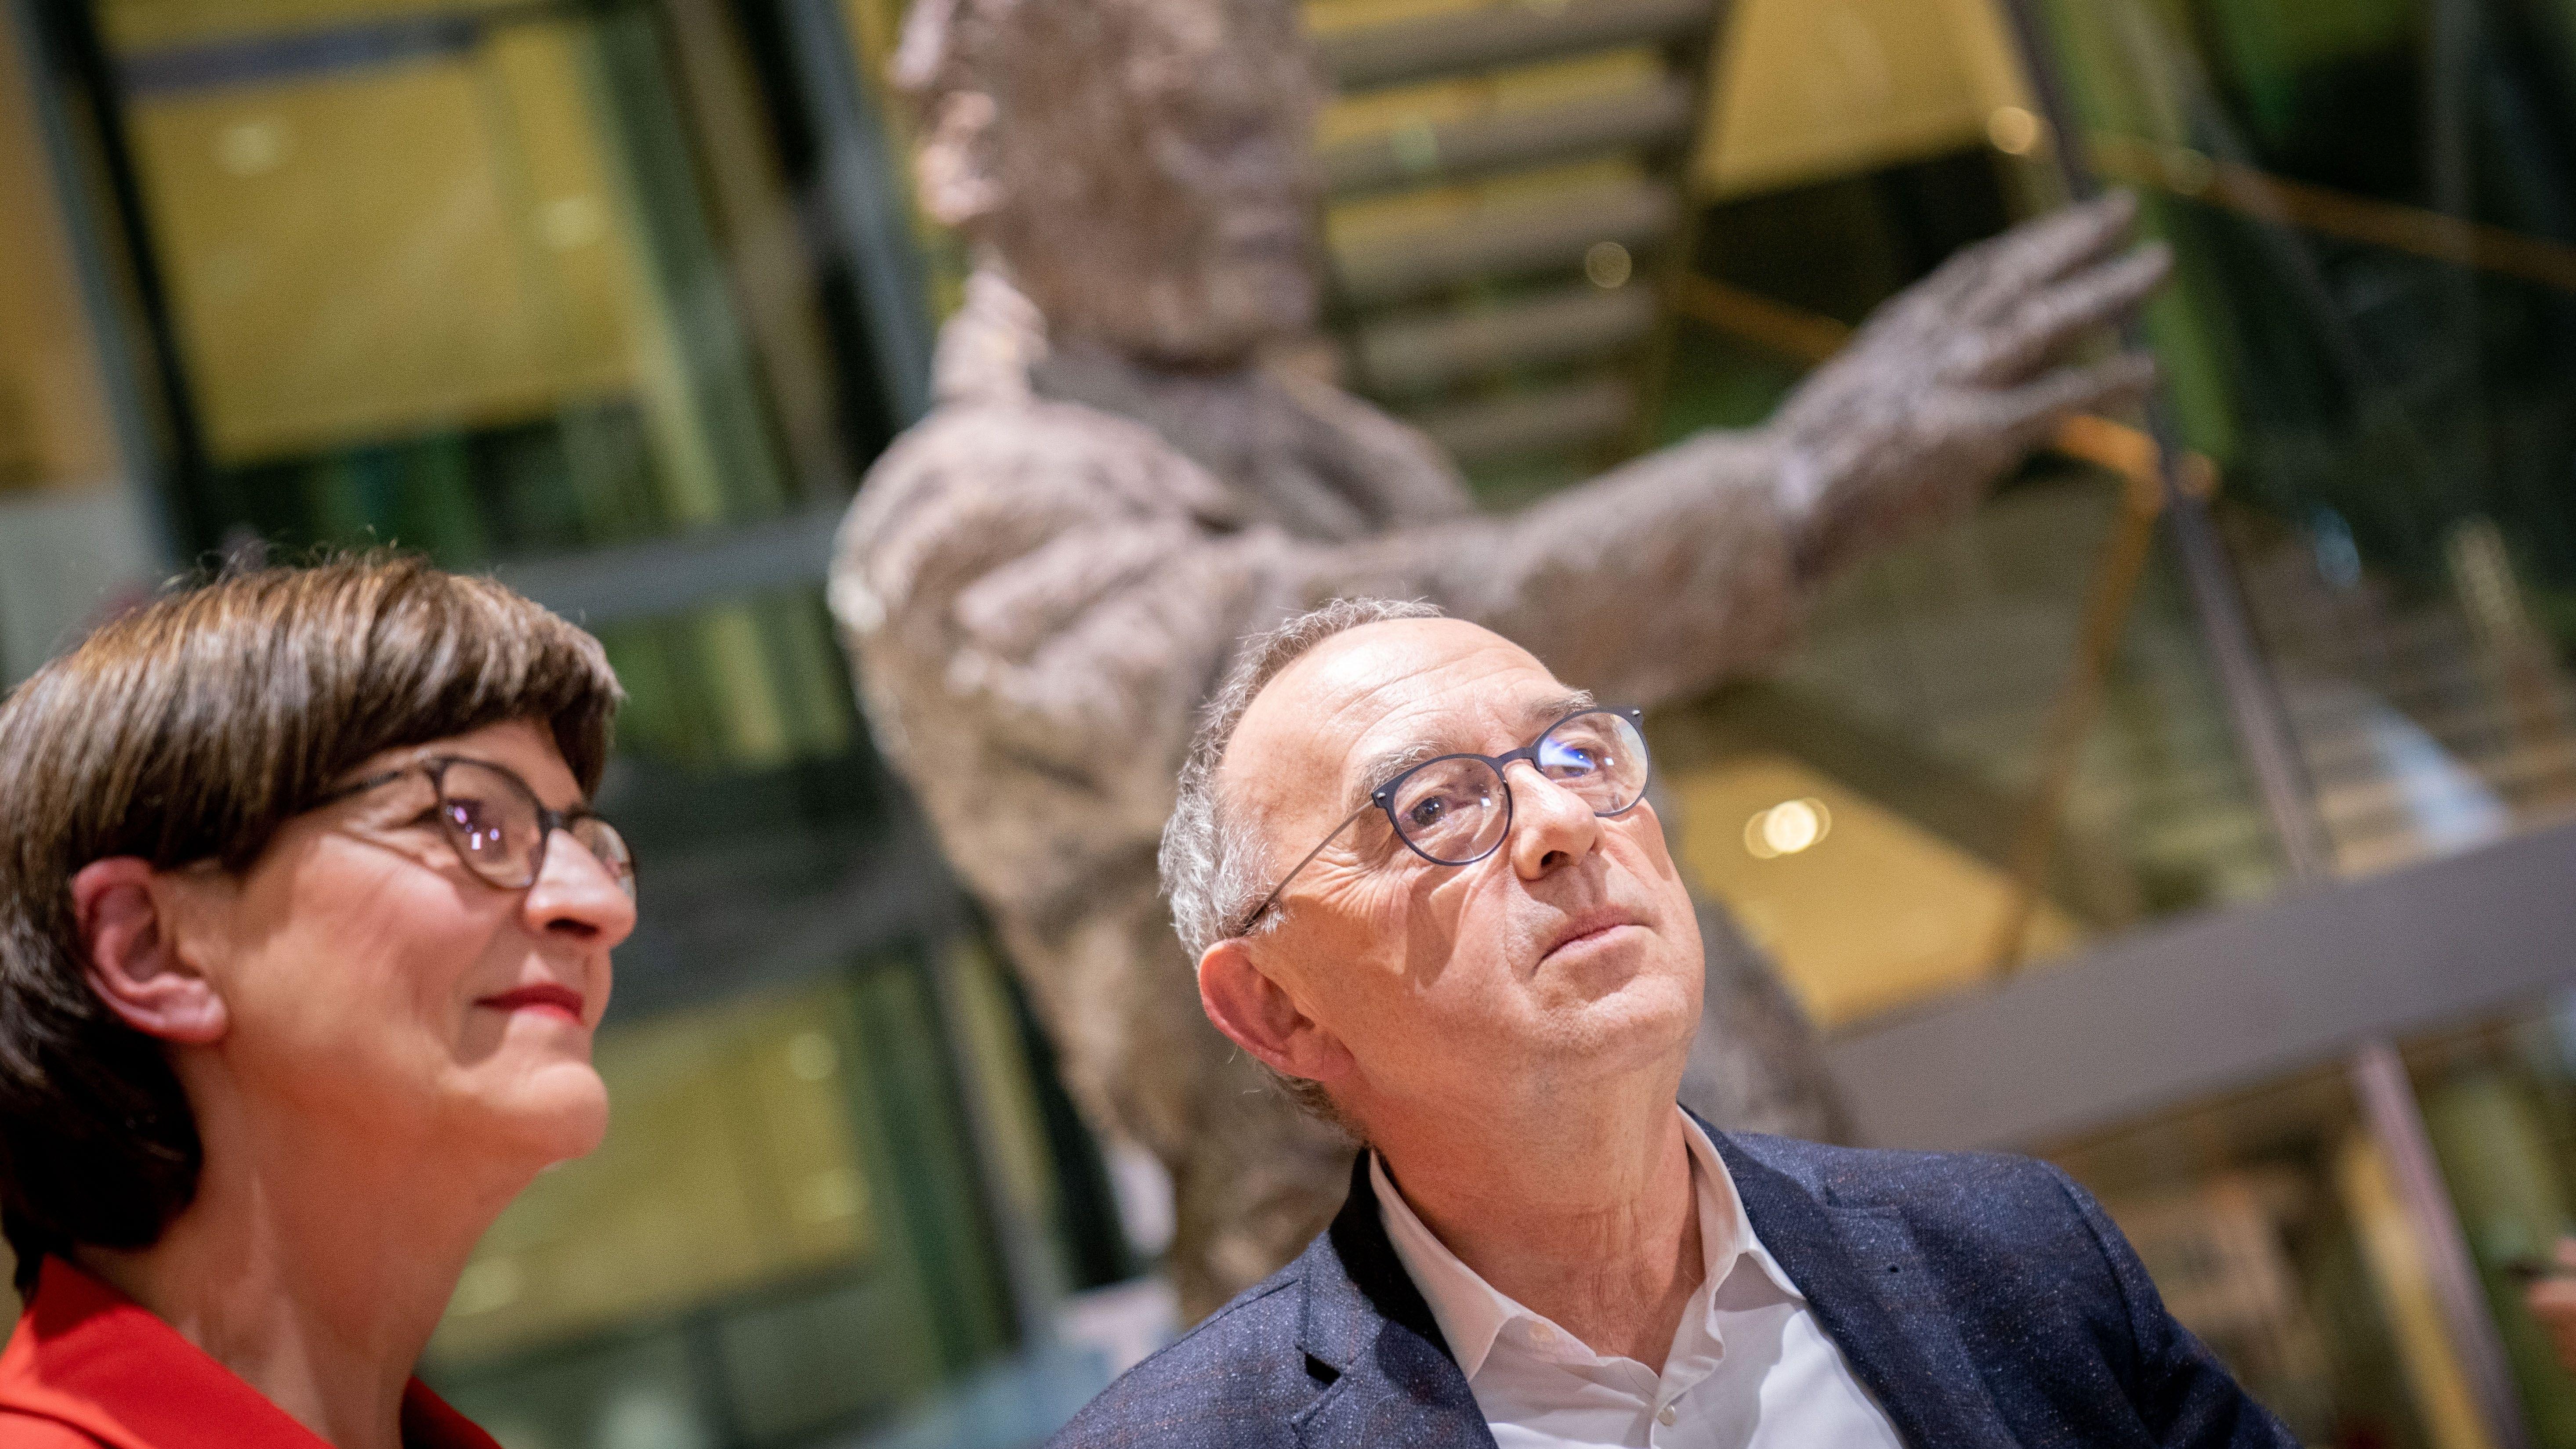 Die designierten Parteivorsitzenden Saskia Esken und Norbert Walter-Borjans vor der Statue von Willy Brandt